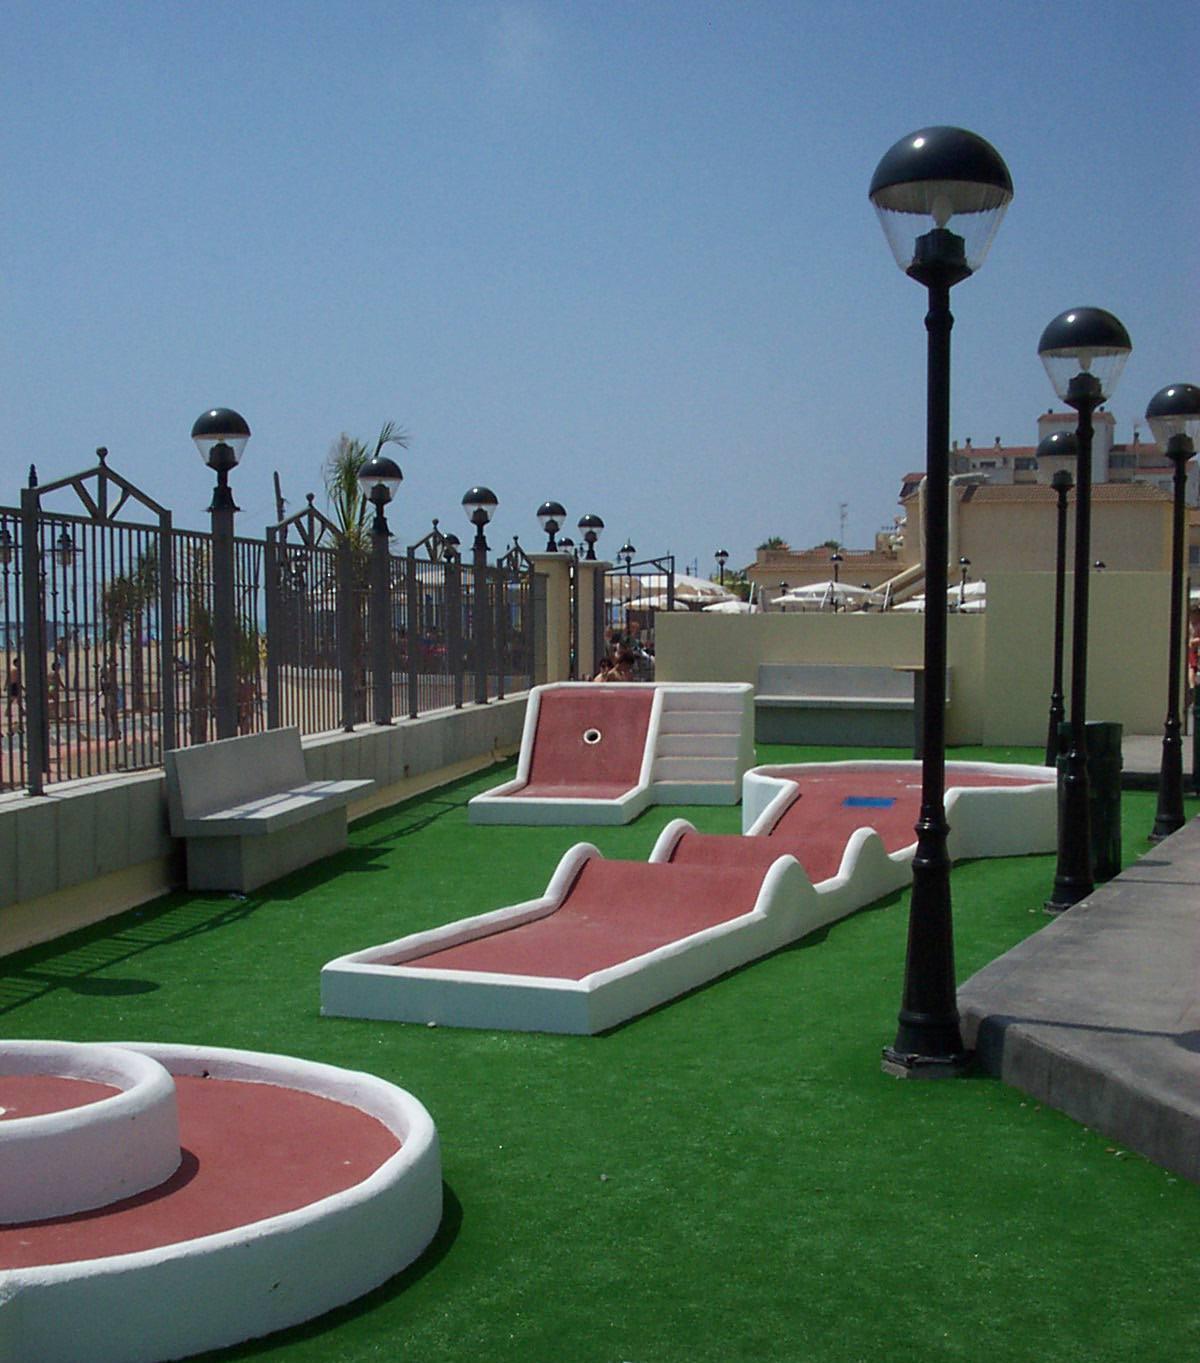 Jardines del plaza em pe iscola costa de azahar - Jardines del plaza peniscola ...